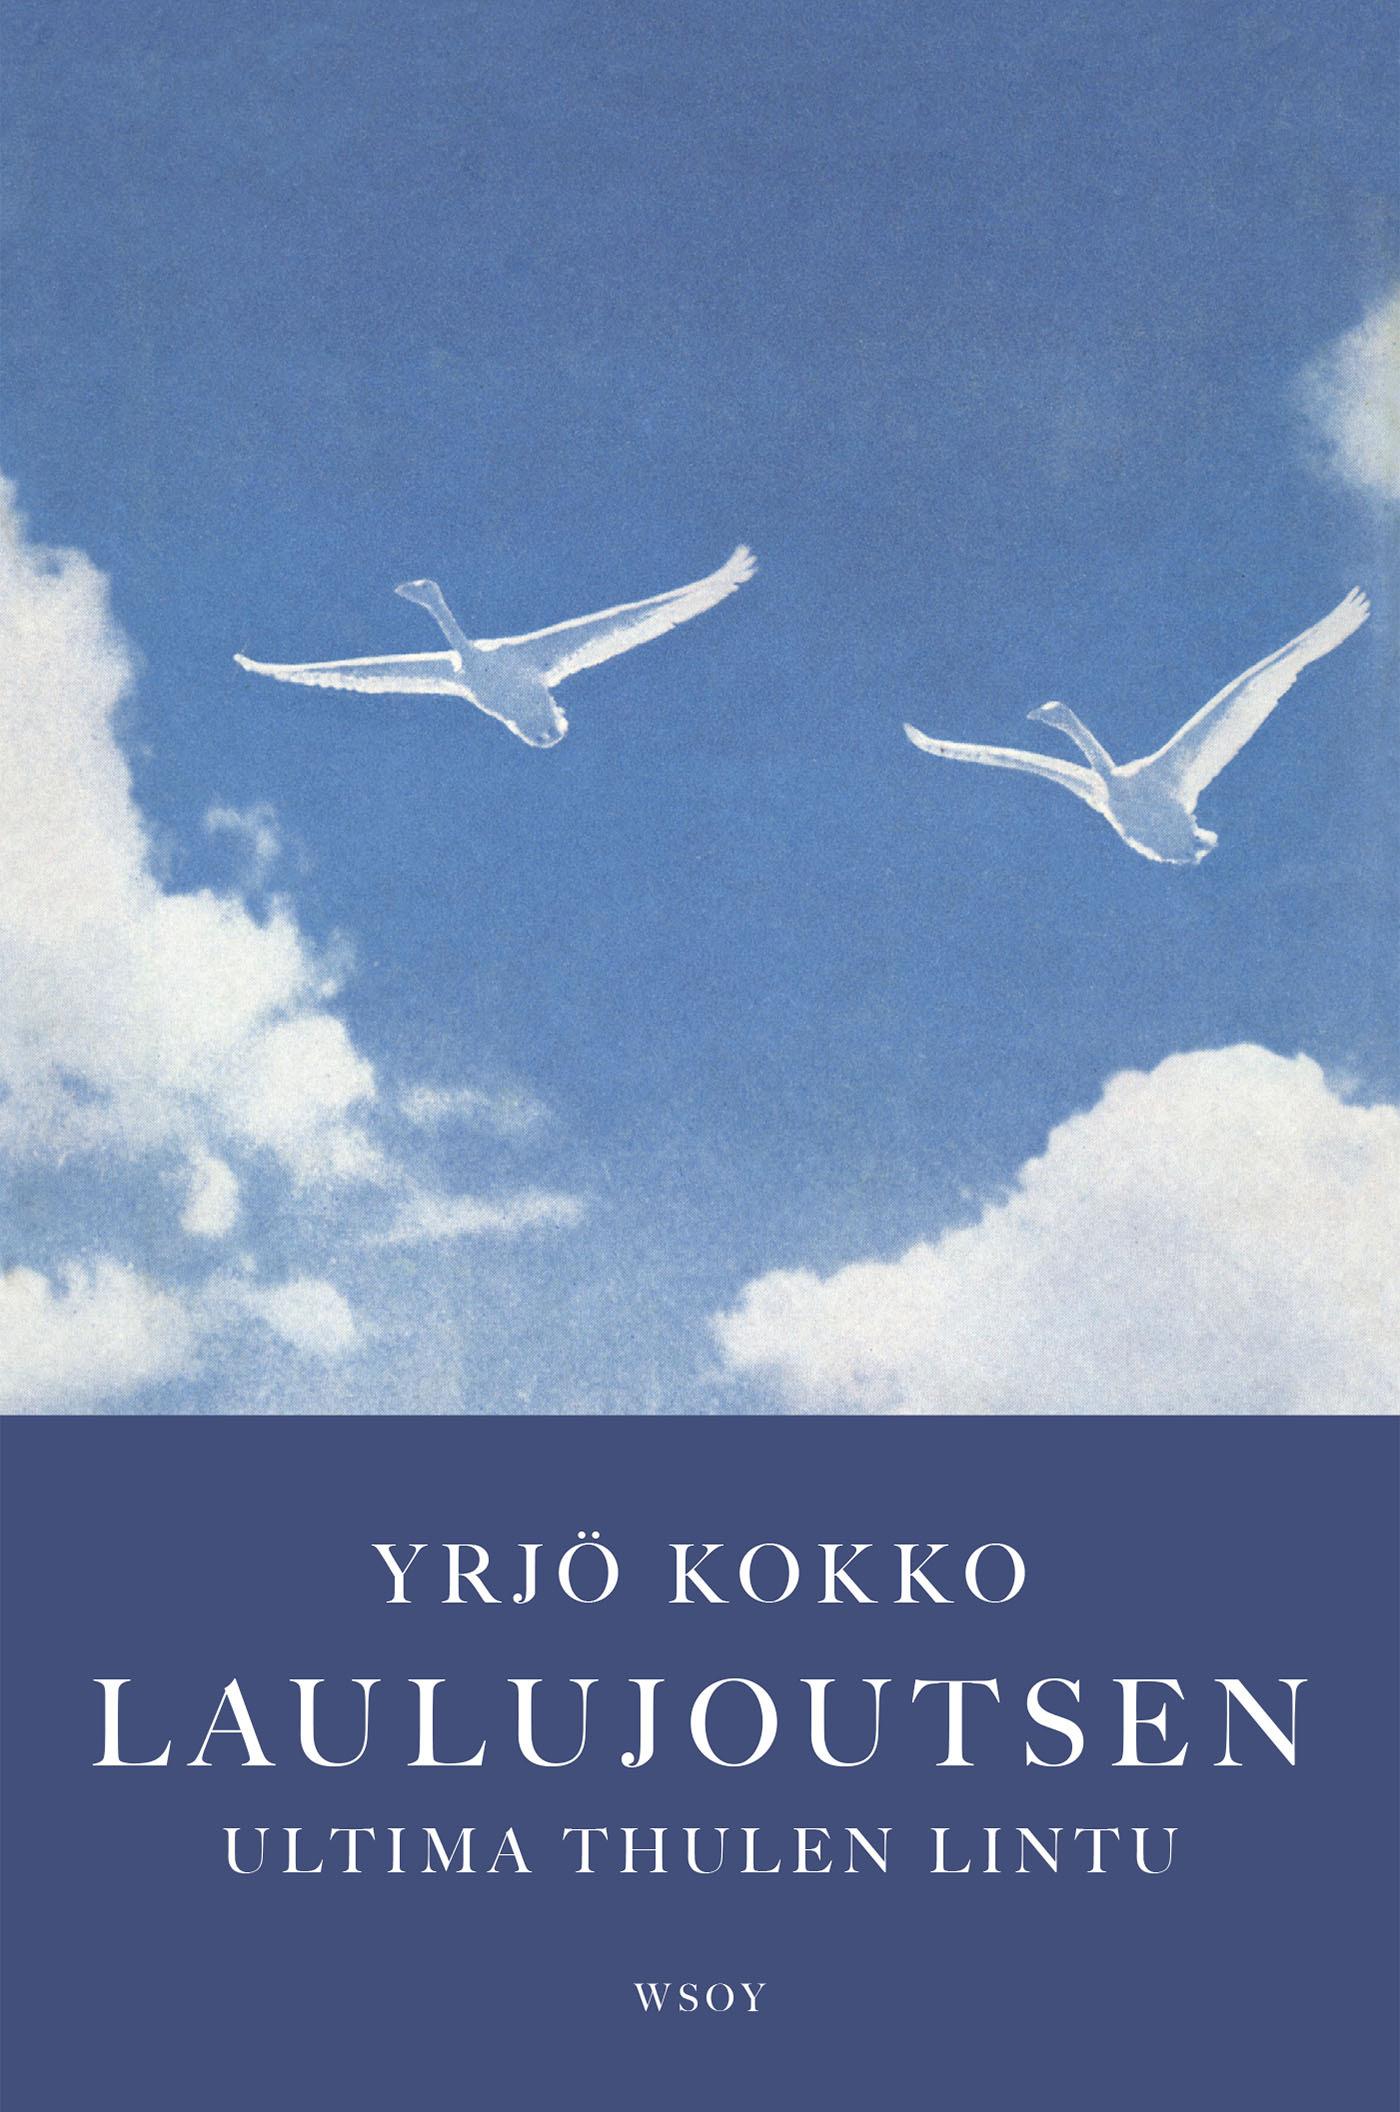 Kokko, Yrjö - Laulujoutsen: Ultima thulen lintu, e-kirja